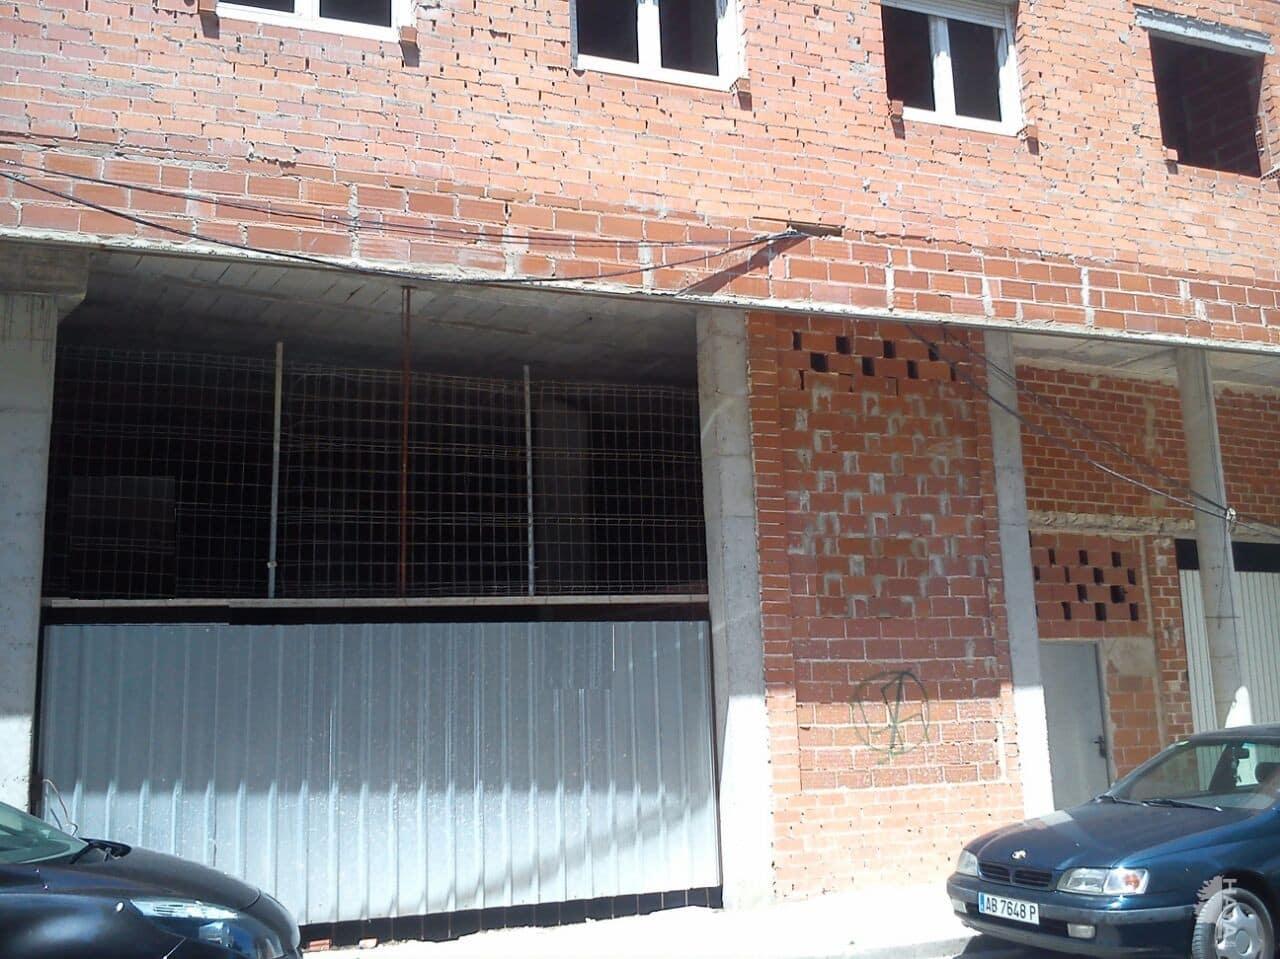 Piso en venta en La Roda, Albacete, Calle Juan Garcia Glz, 38.500 €, 1 habitación, 1 baño, 108 m2